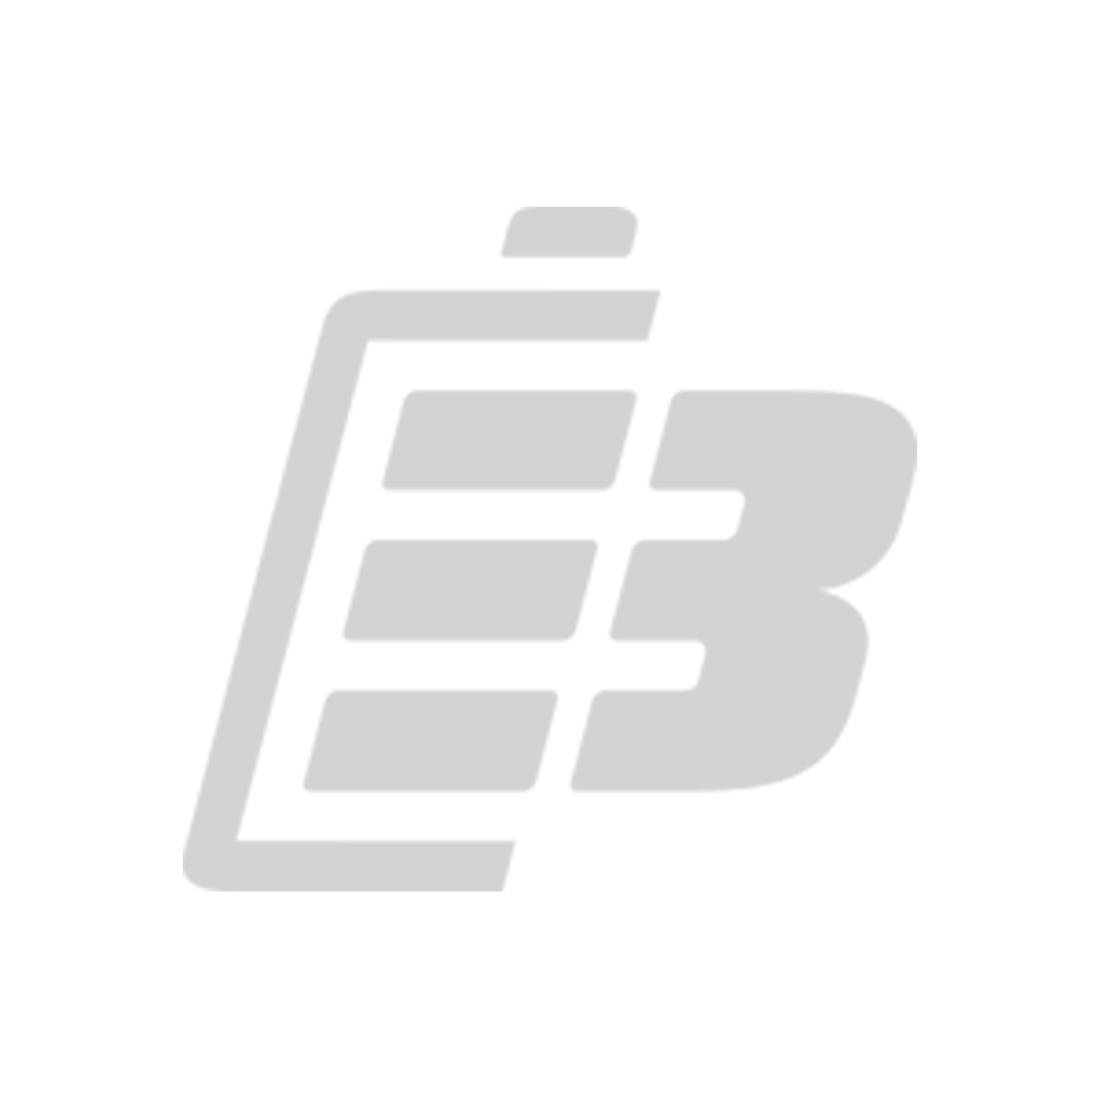 Μπαταρία Fenix ARB-L10-80 10180 80mAh